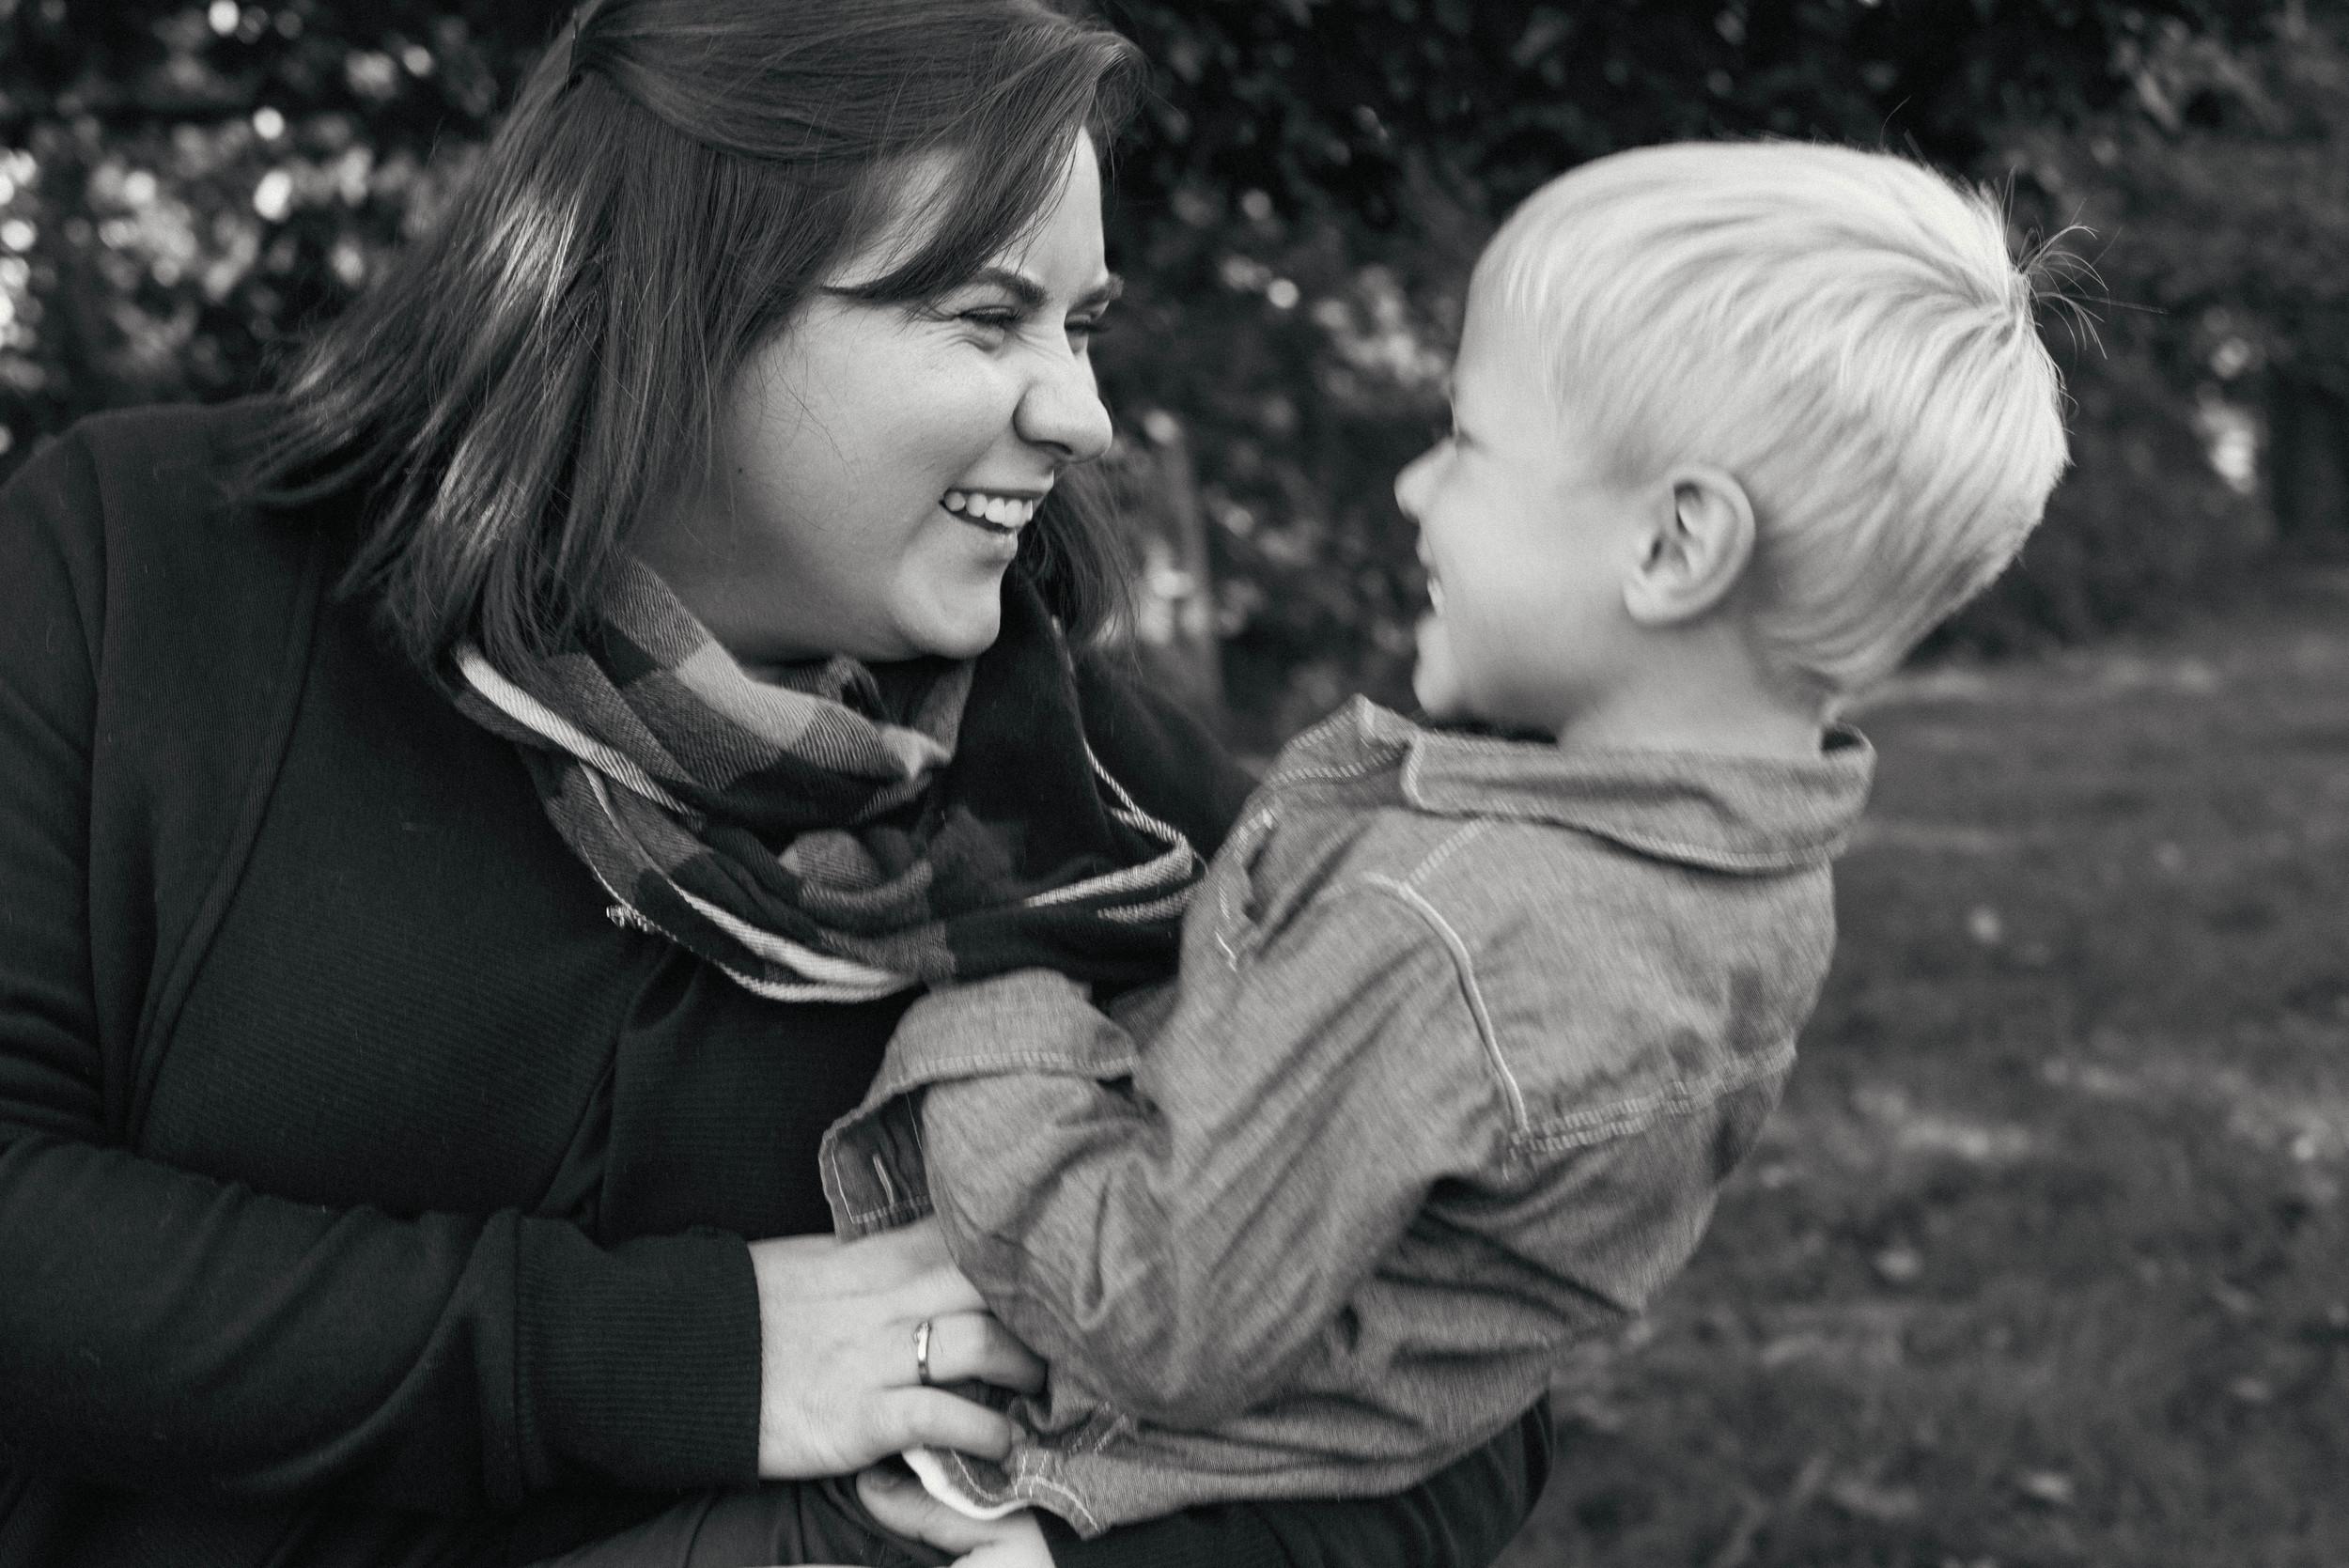 My friend Jordan with her nephew